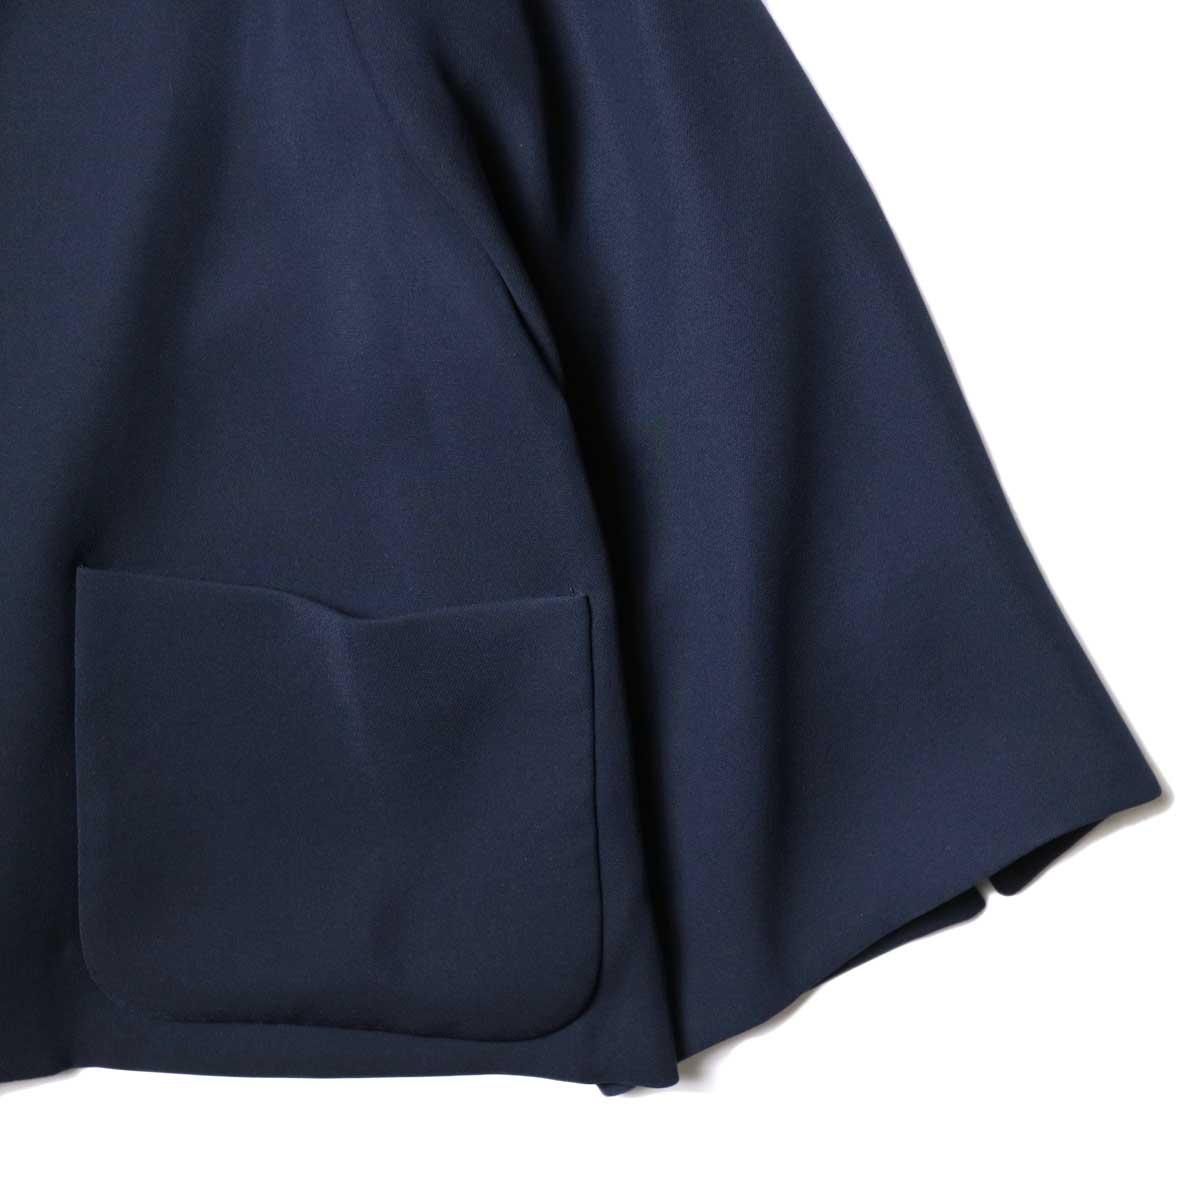 WHYTO. / テントラインオケージョンジャケット (Navy) 袖・裾